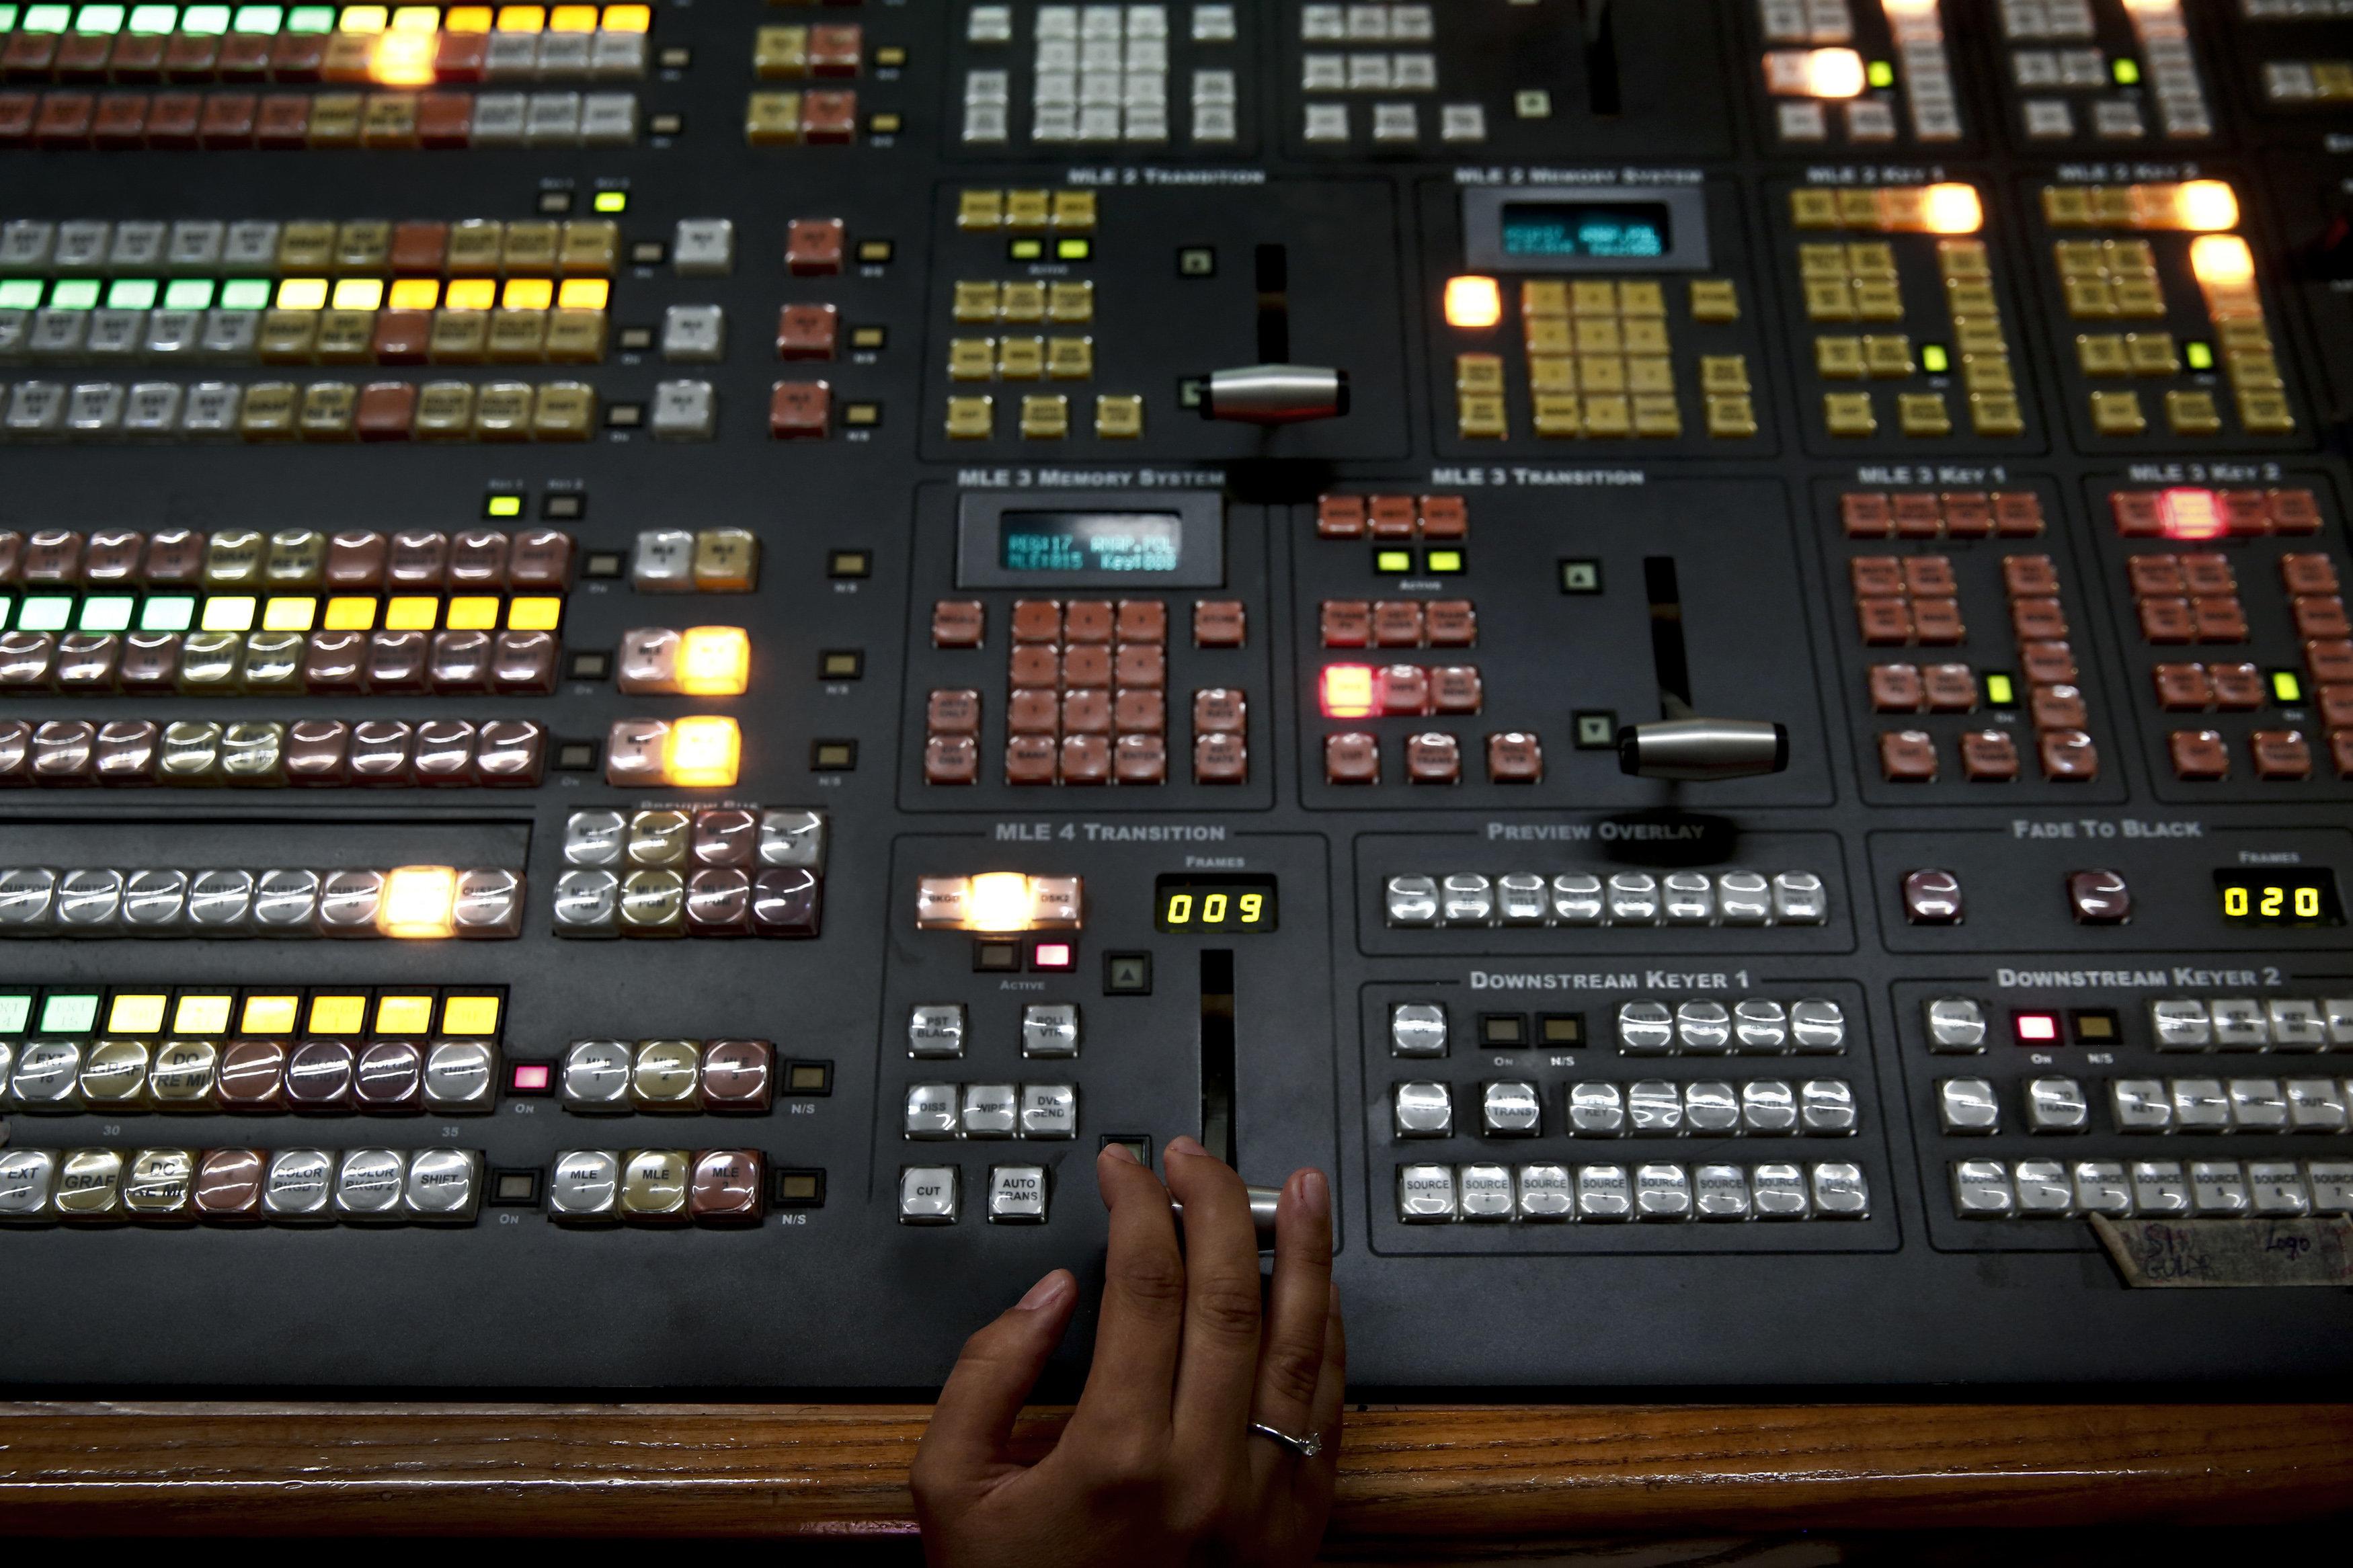 Στις 5 Μαρτίου θα αποφανθεί το ΕΣΡ για το MEGA. Συνεχίζεται ο έλεγχος των 6 για τις τηλεοπτικές